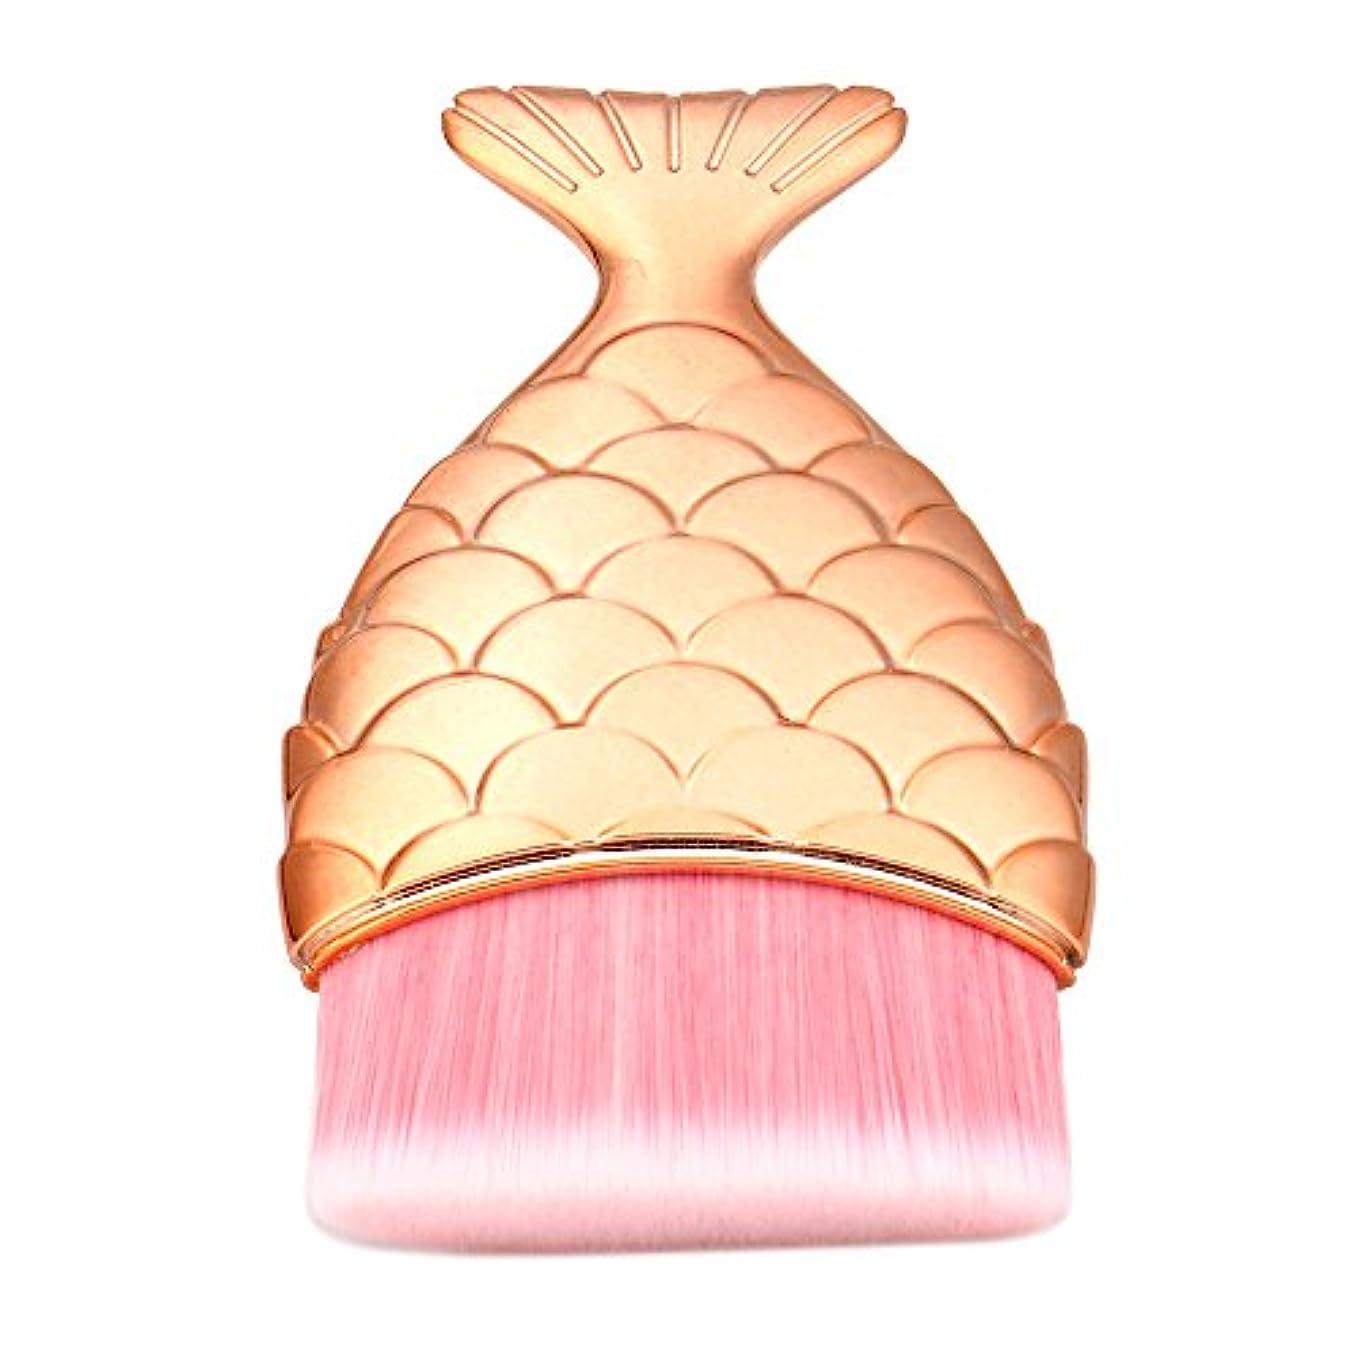 投票速記小さい(プタス)Putars メイクブラシ ファンデーションブラシ マーメイド 4.9*1.5*8.5cm ローズゴールド 化粧ブラシ ふわふわ お肌に優しい 毛量たっぷり メイク道具 プレゼント